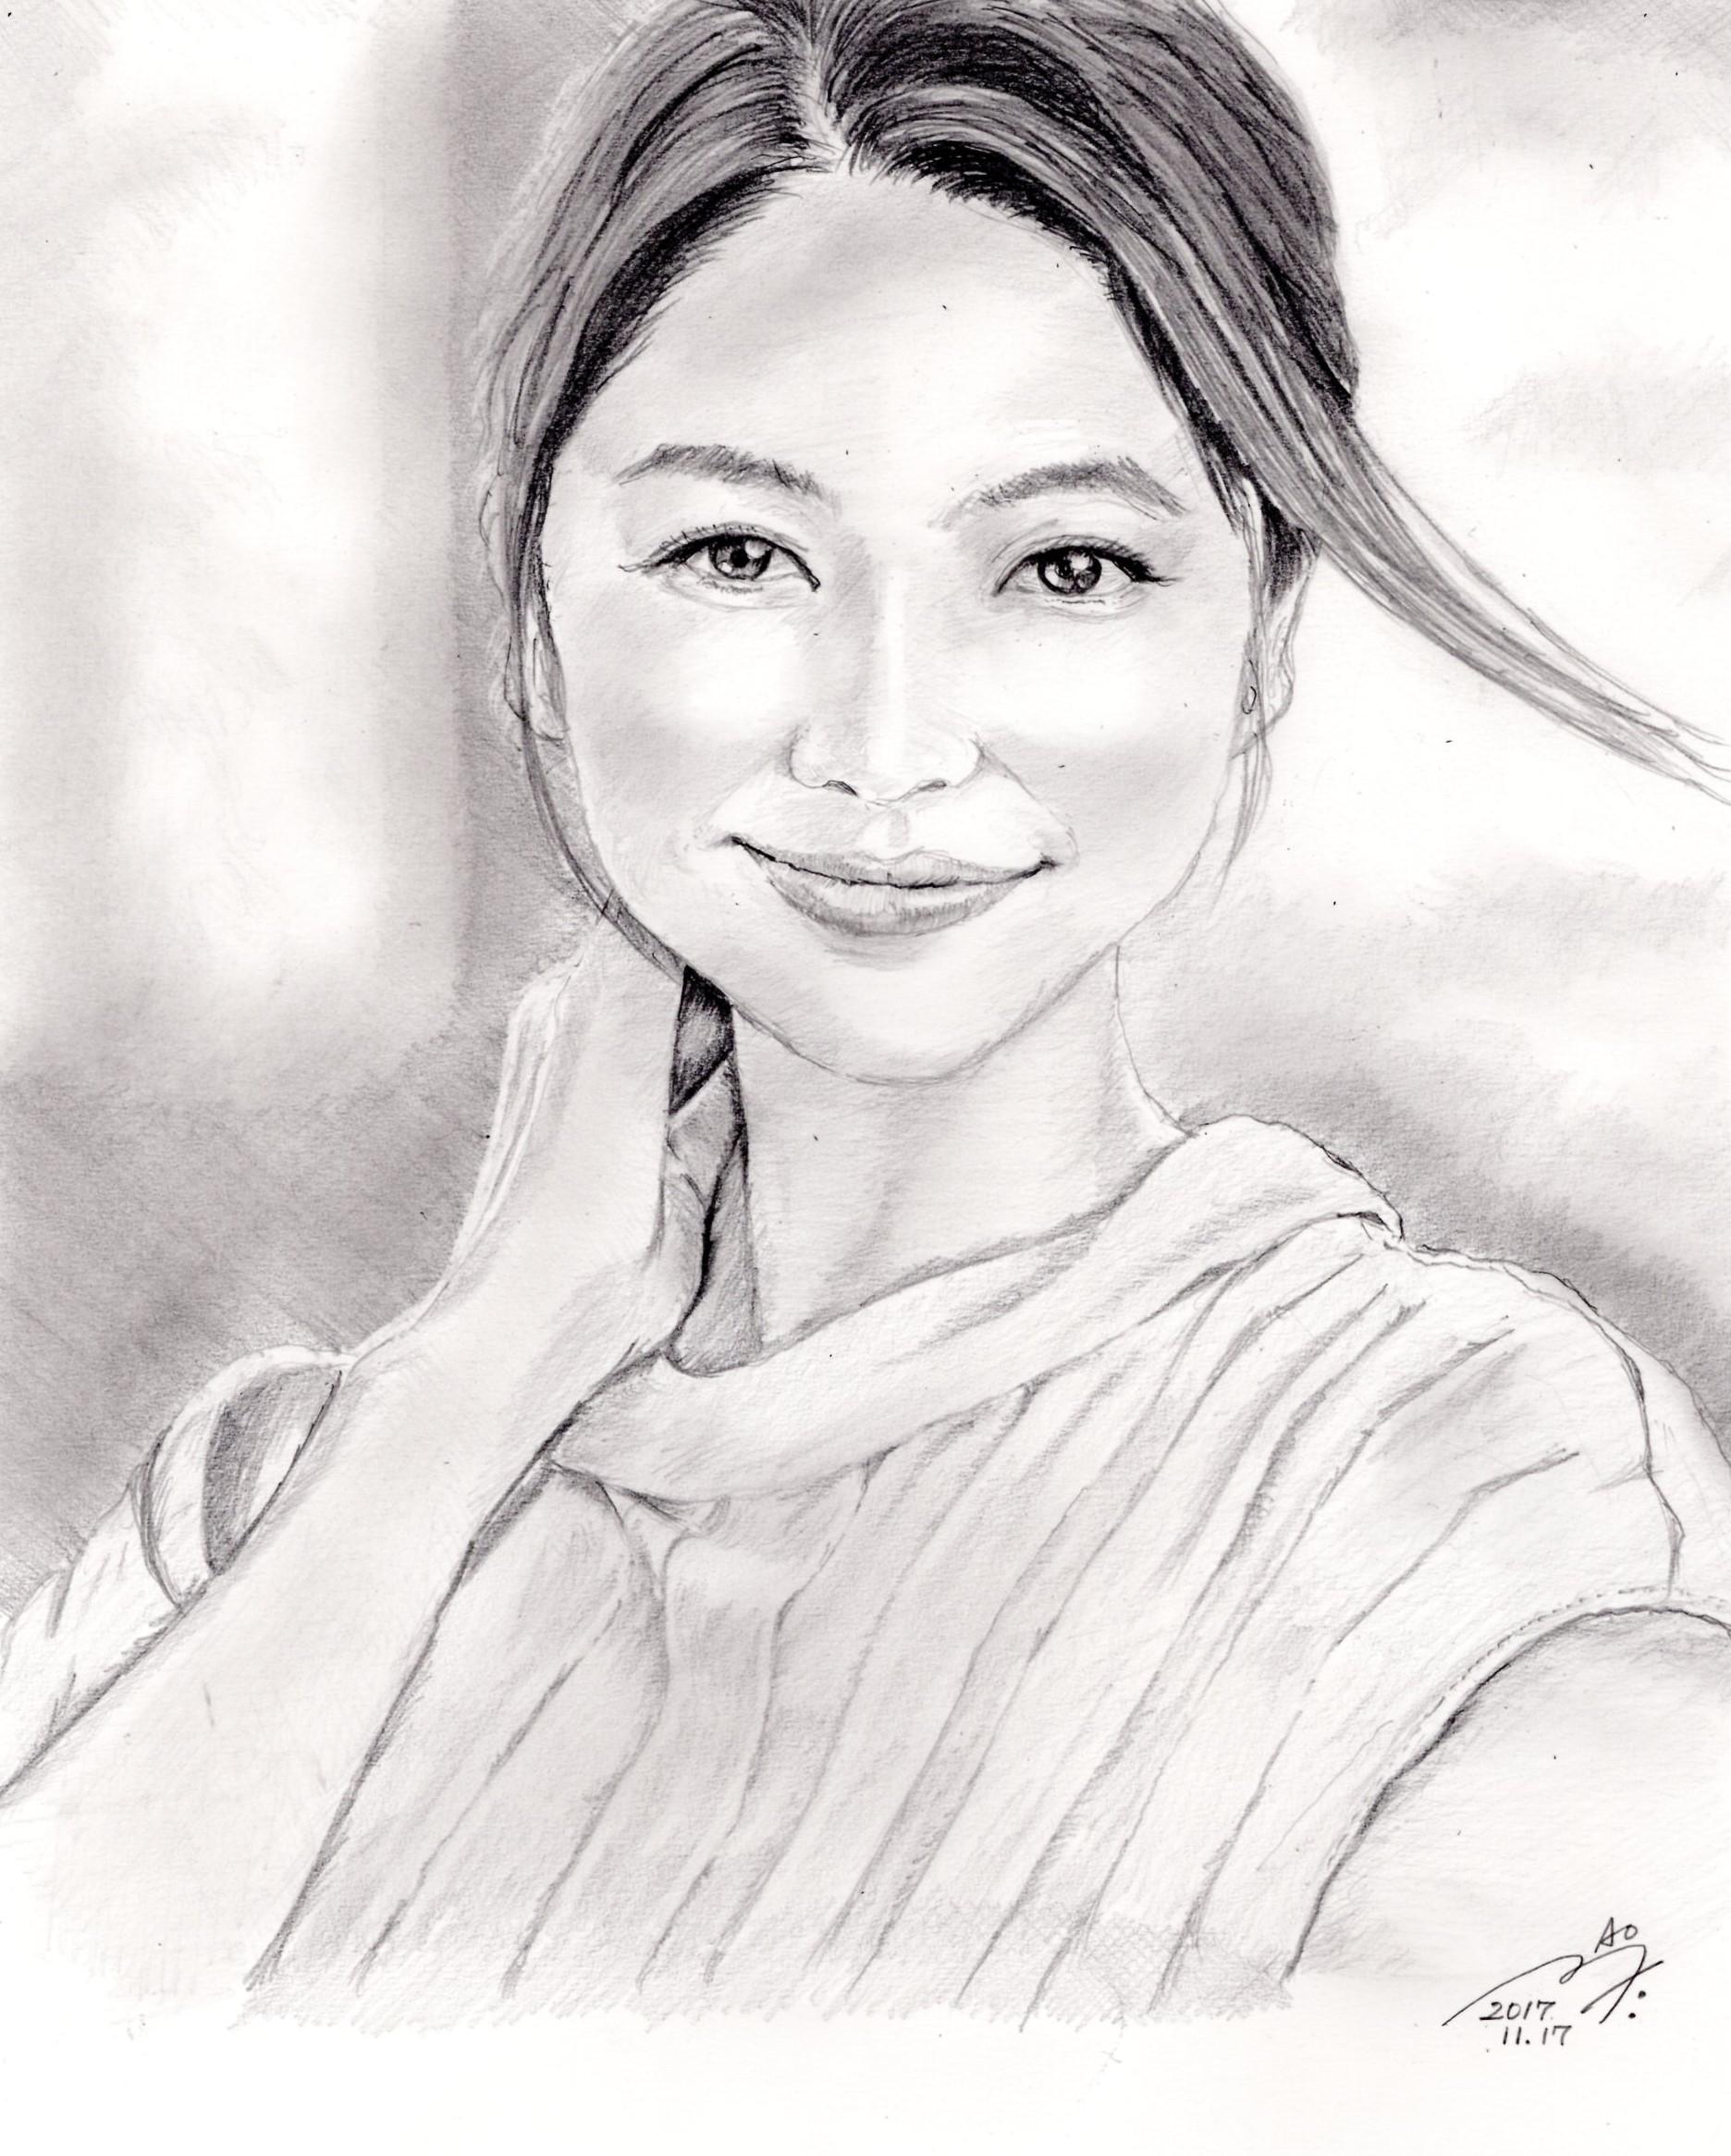 長澤まさみの鉛筆画似顔絵